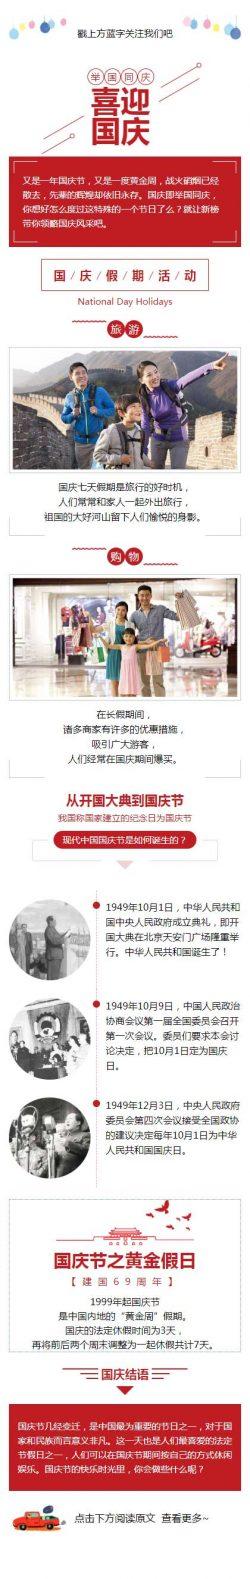 国庆节黄金周大红色文章推文模板